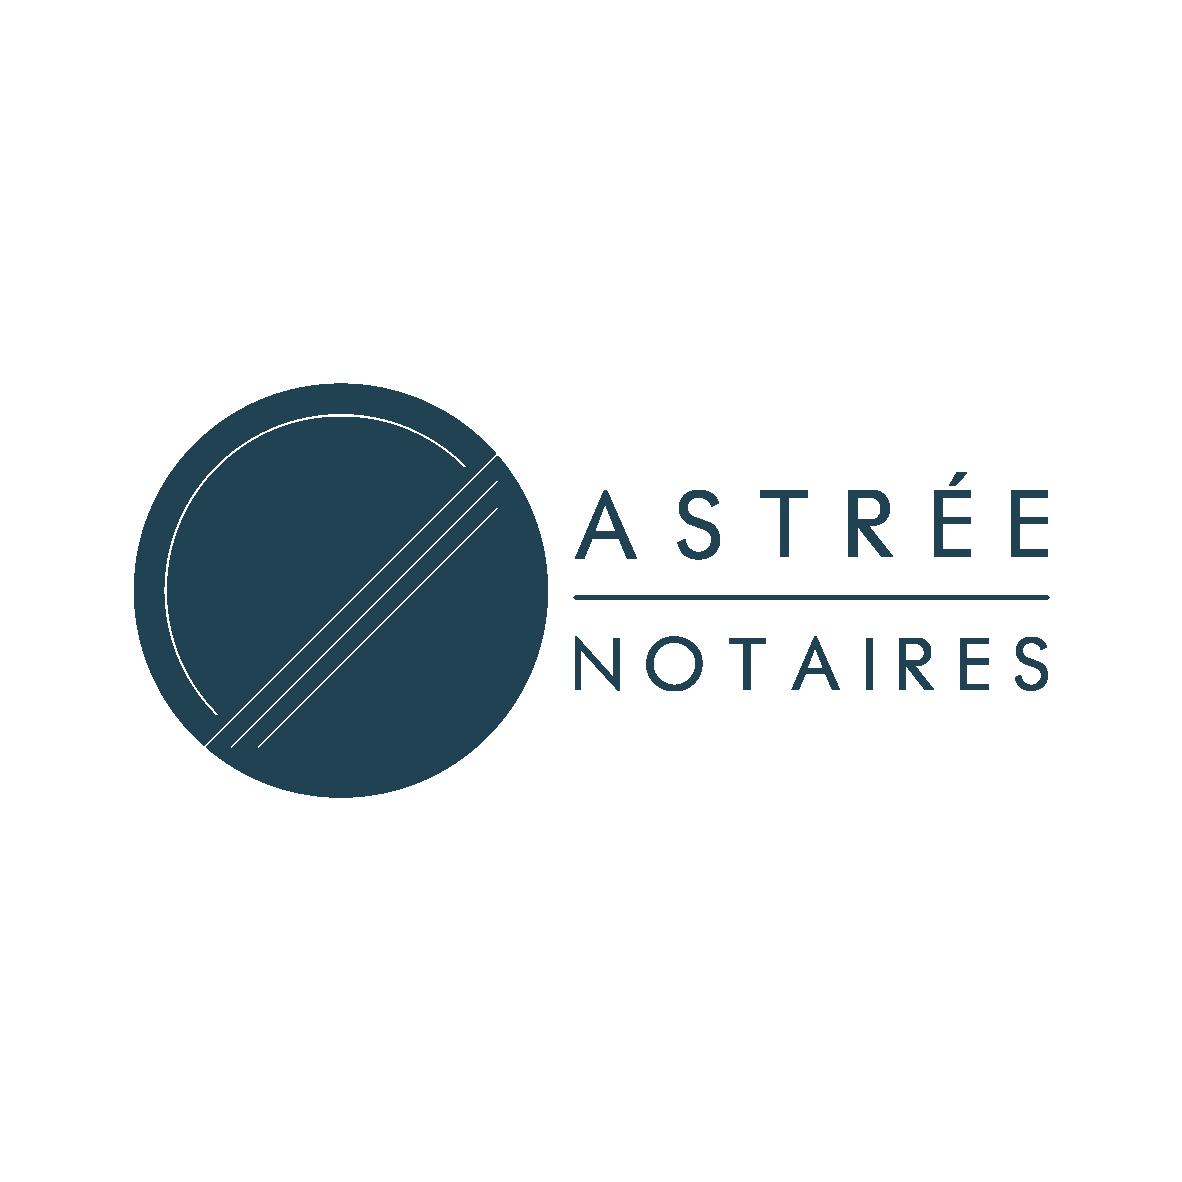 Astrée Notaires – Etude notariale à Paris